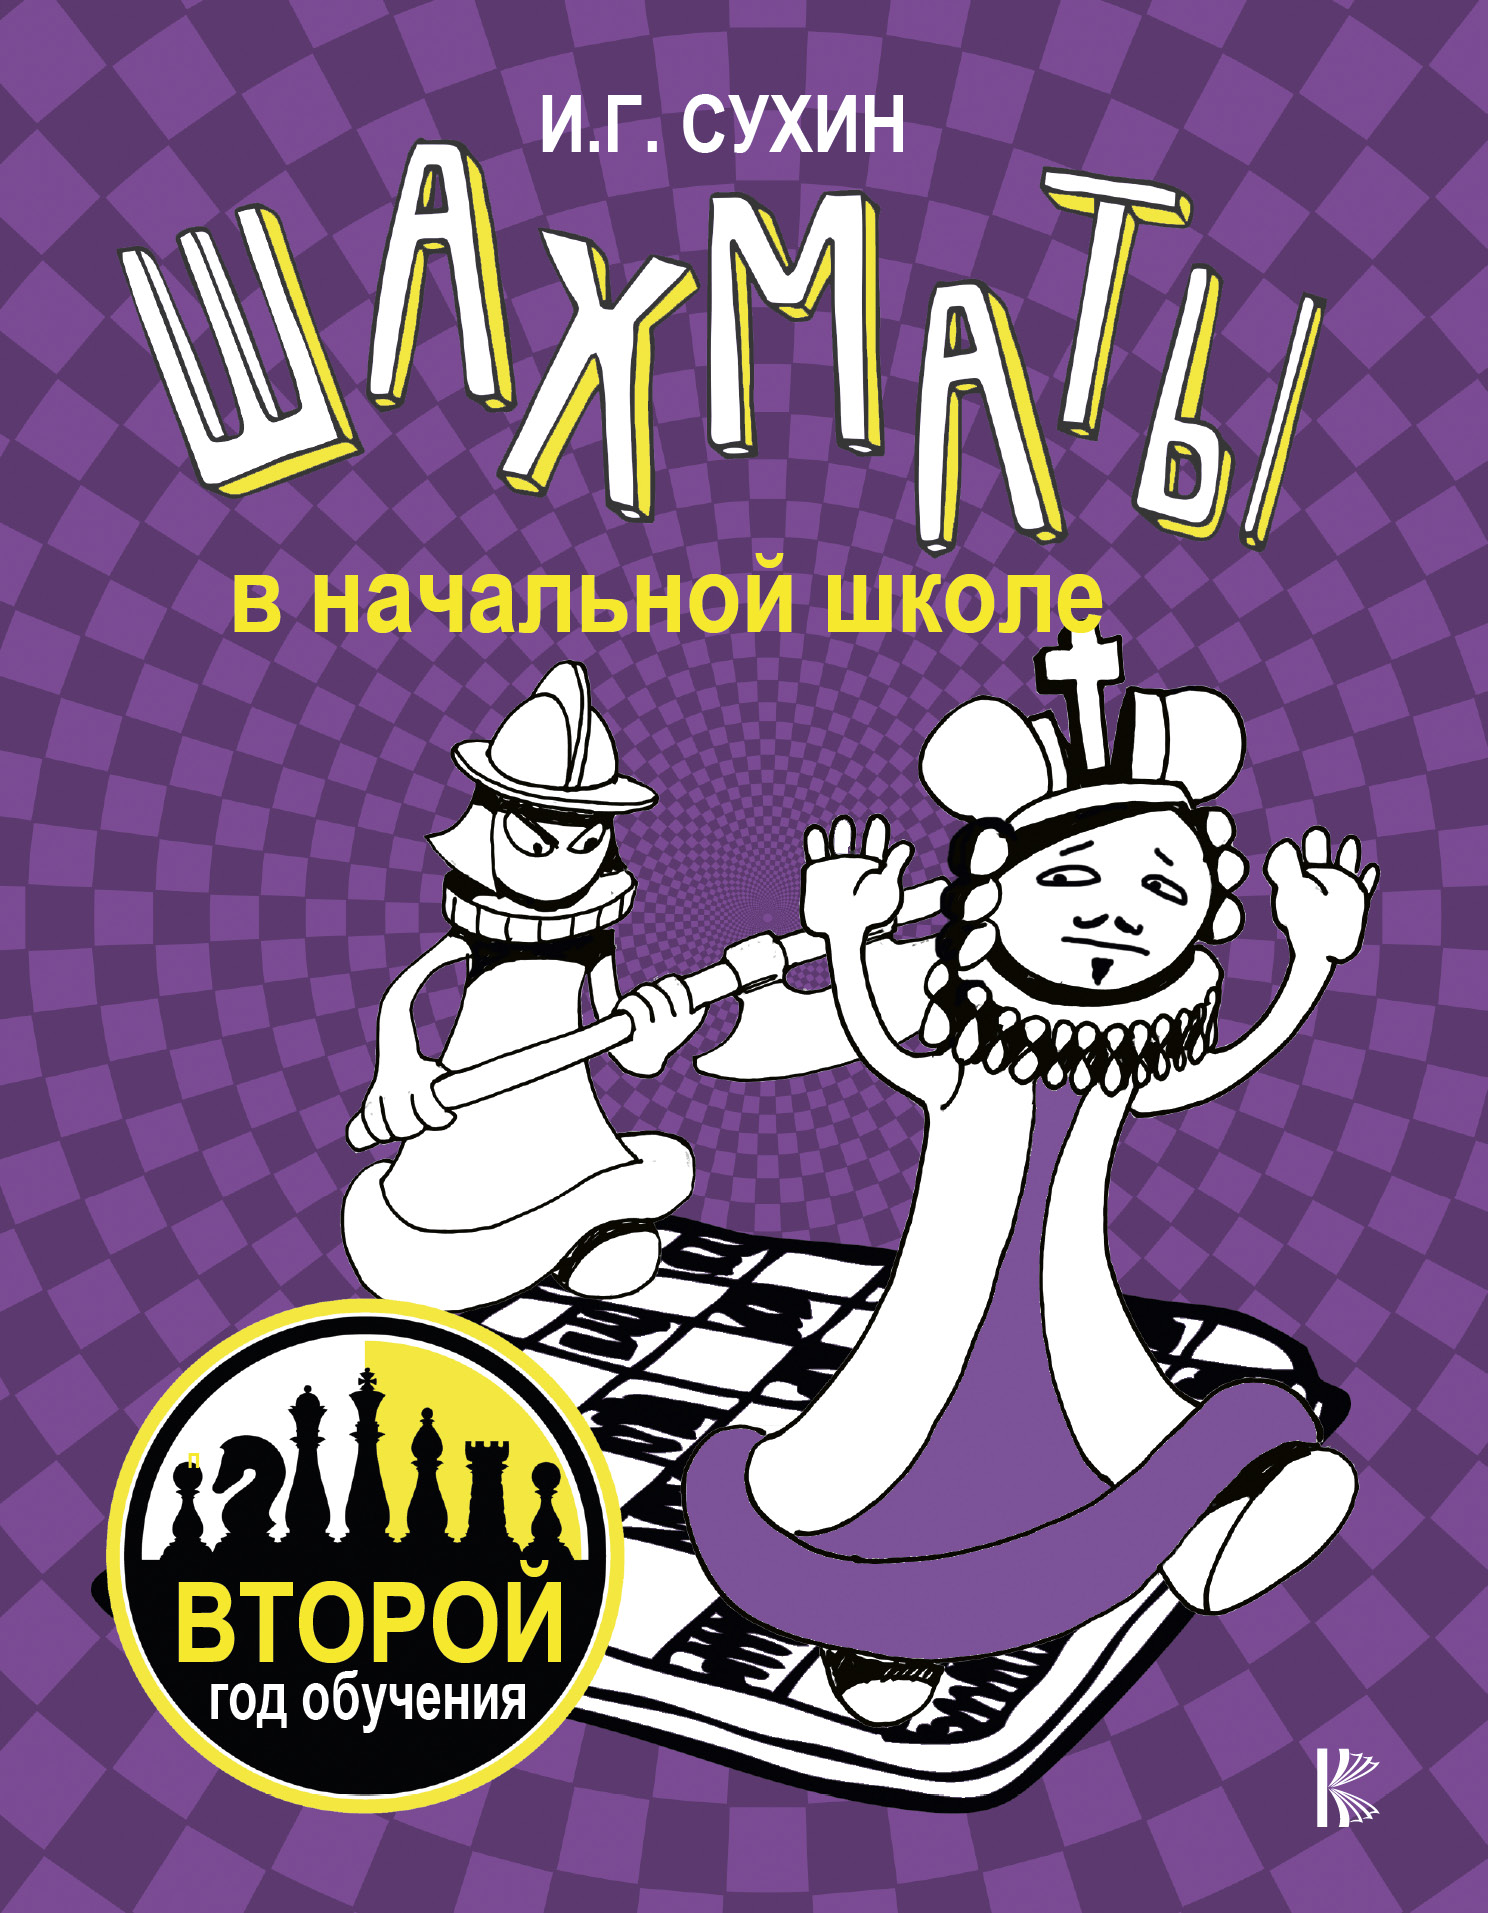 Игорь Сухин Шахматы в начальной школе. Второй год обучения жвакин с м научиться играть в шахматы легко пошаговое руководство для детей и родителей